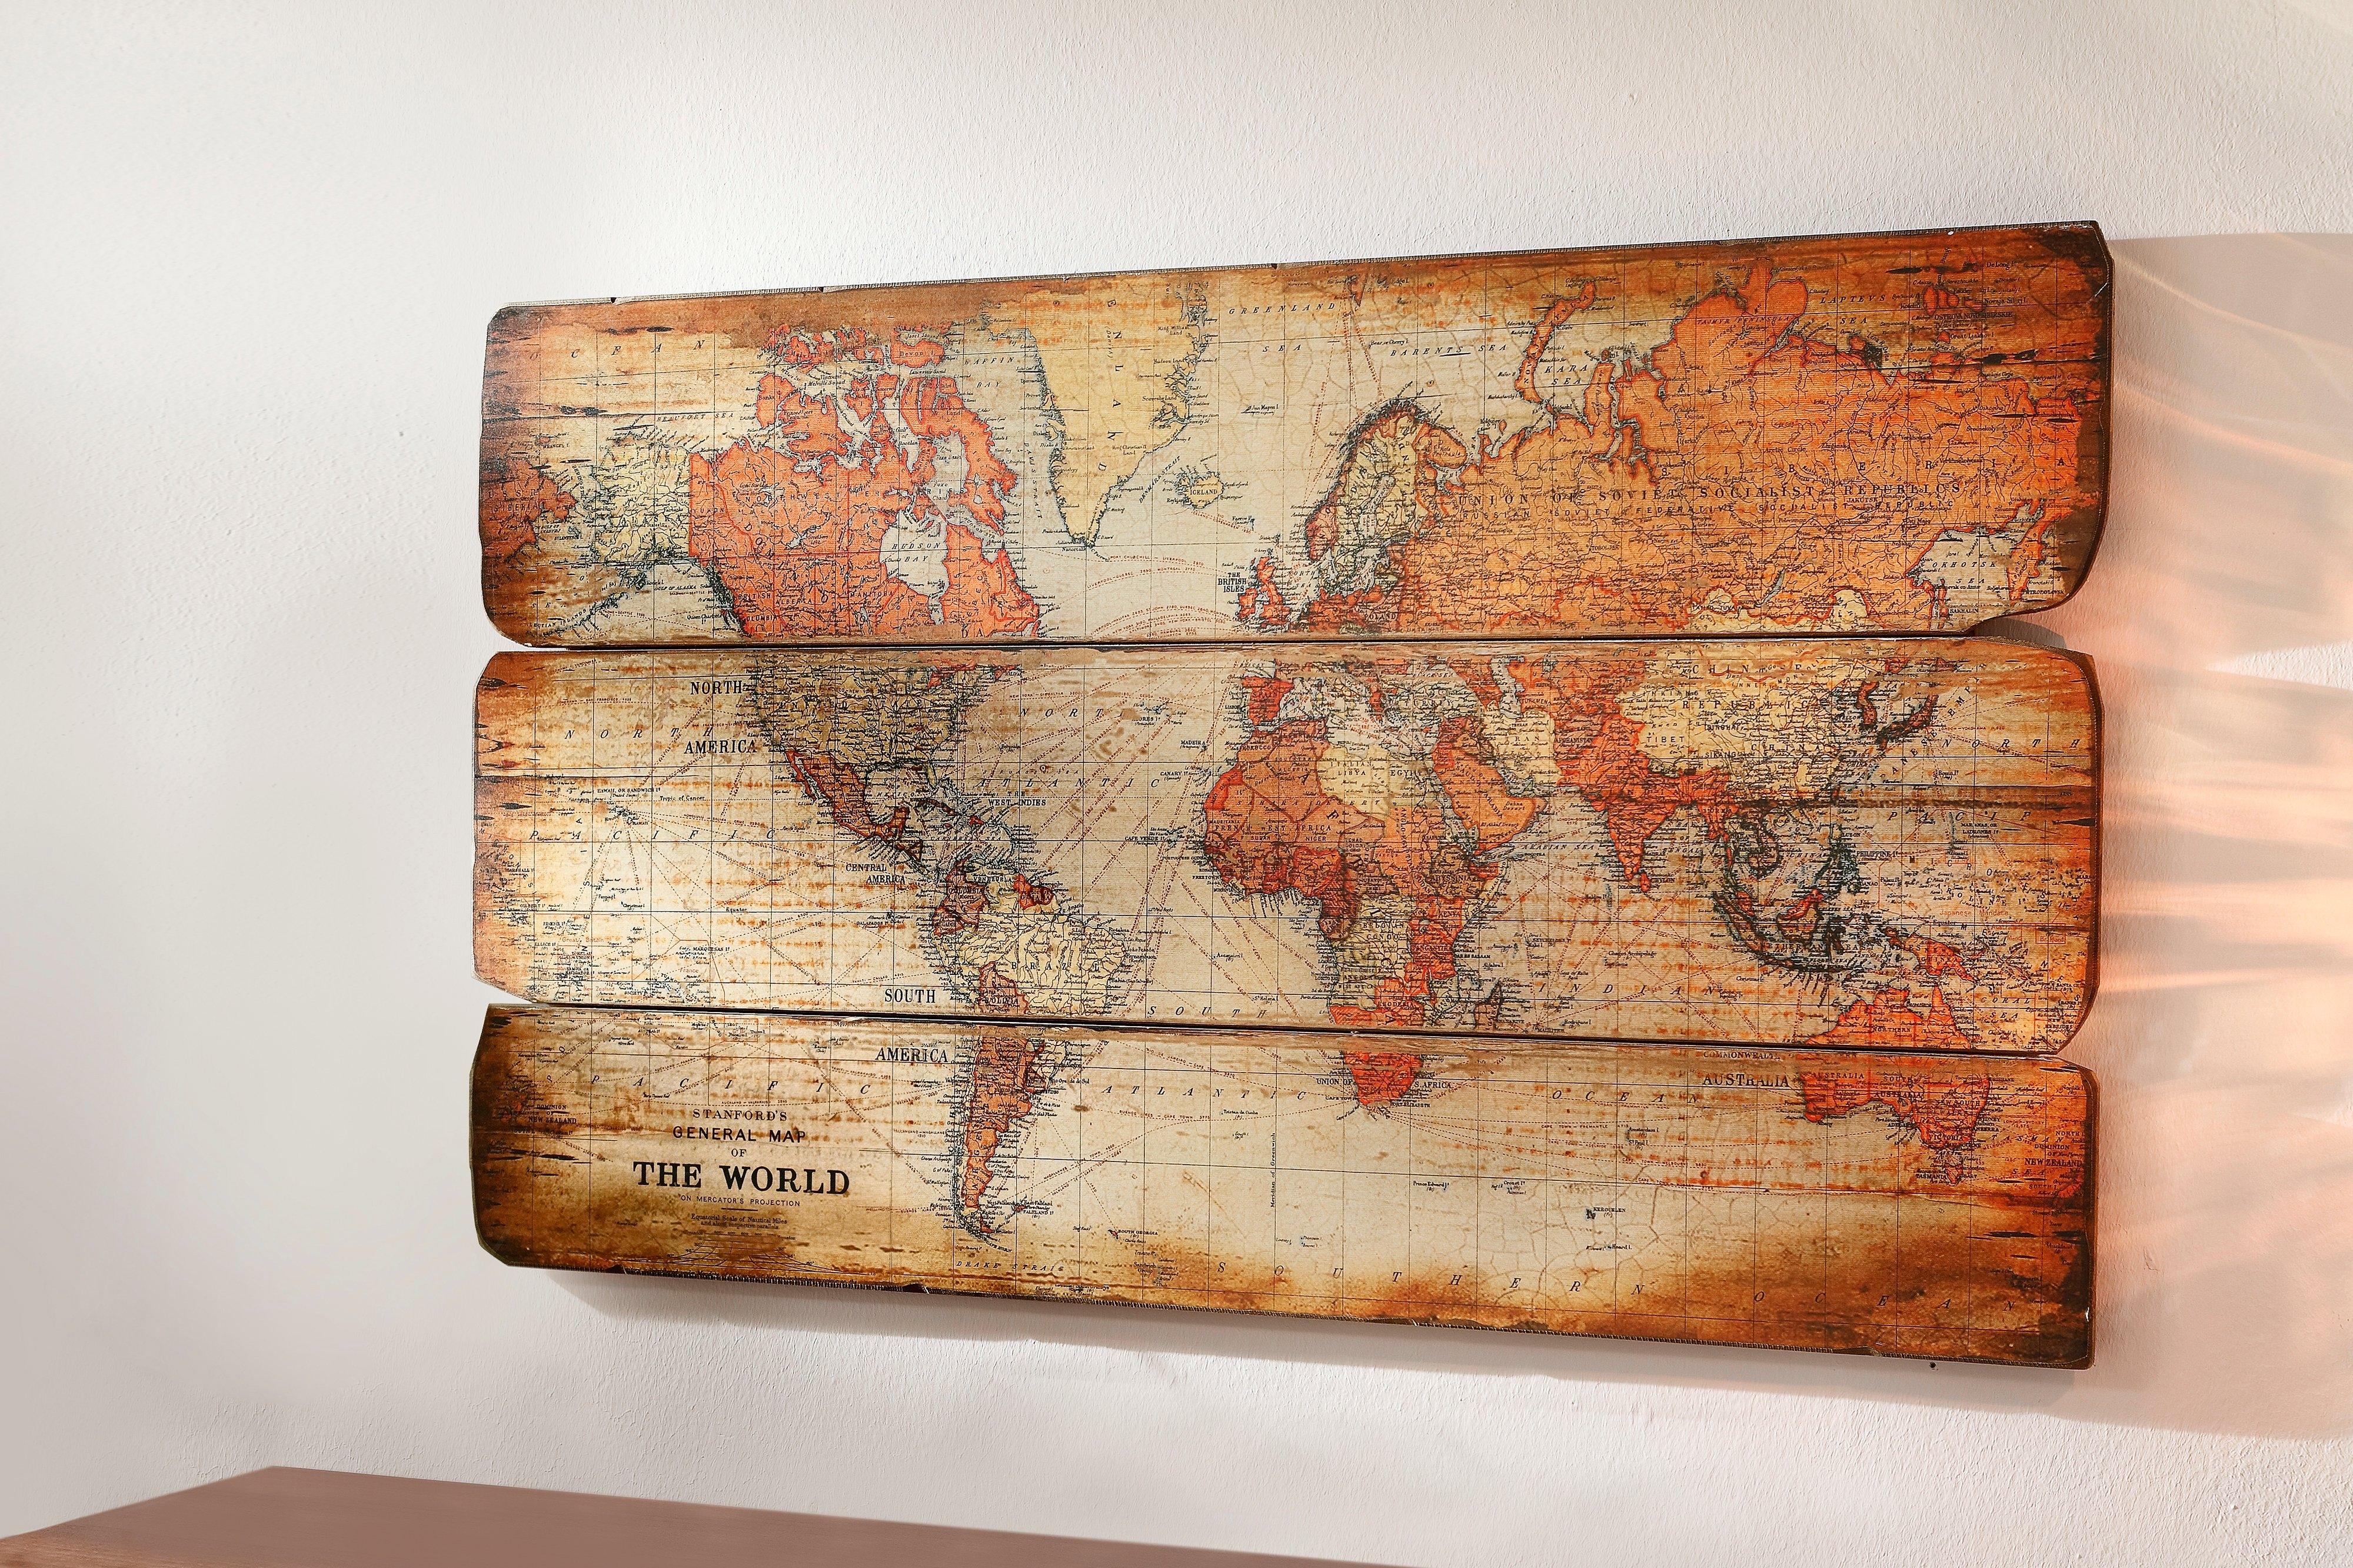 wanddecoratie wereldkaart snel online gekocht otto